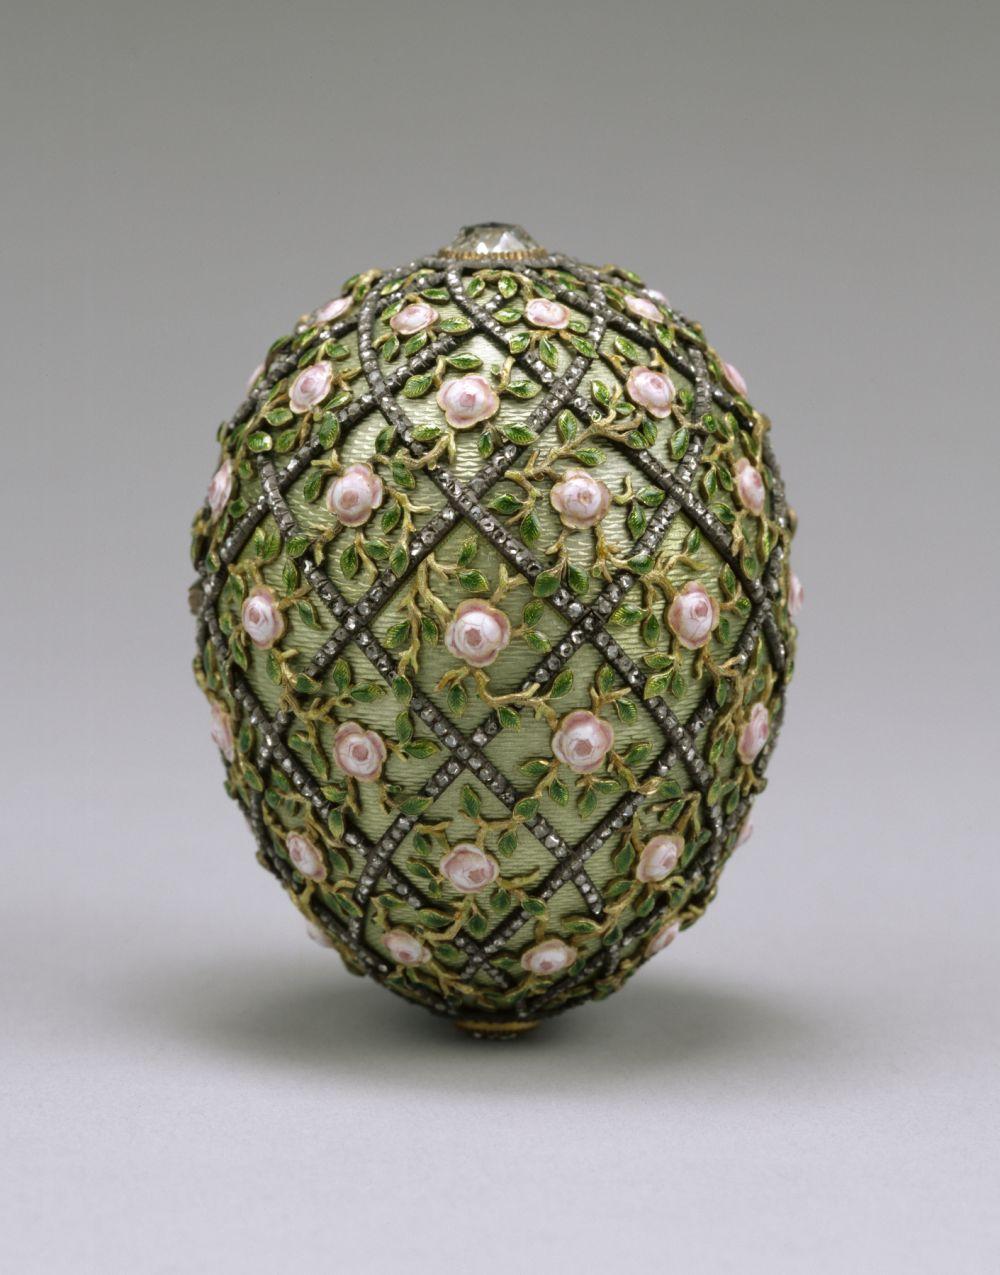 Самыми известными работами ювелира являются яйца Фаберже – в период с 1885 по 1917 годы был создан 71 экземпляр, 52 из которых – специально для императорской семьи. На фото: Яйцо с решёткой и розами, 1907 год